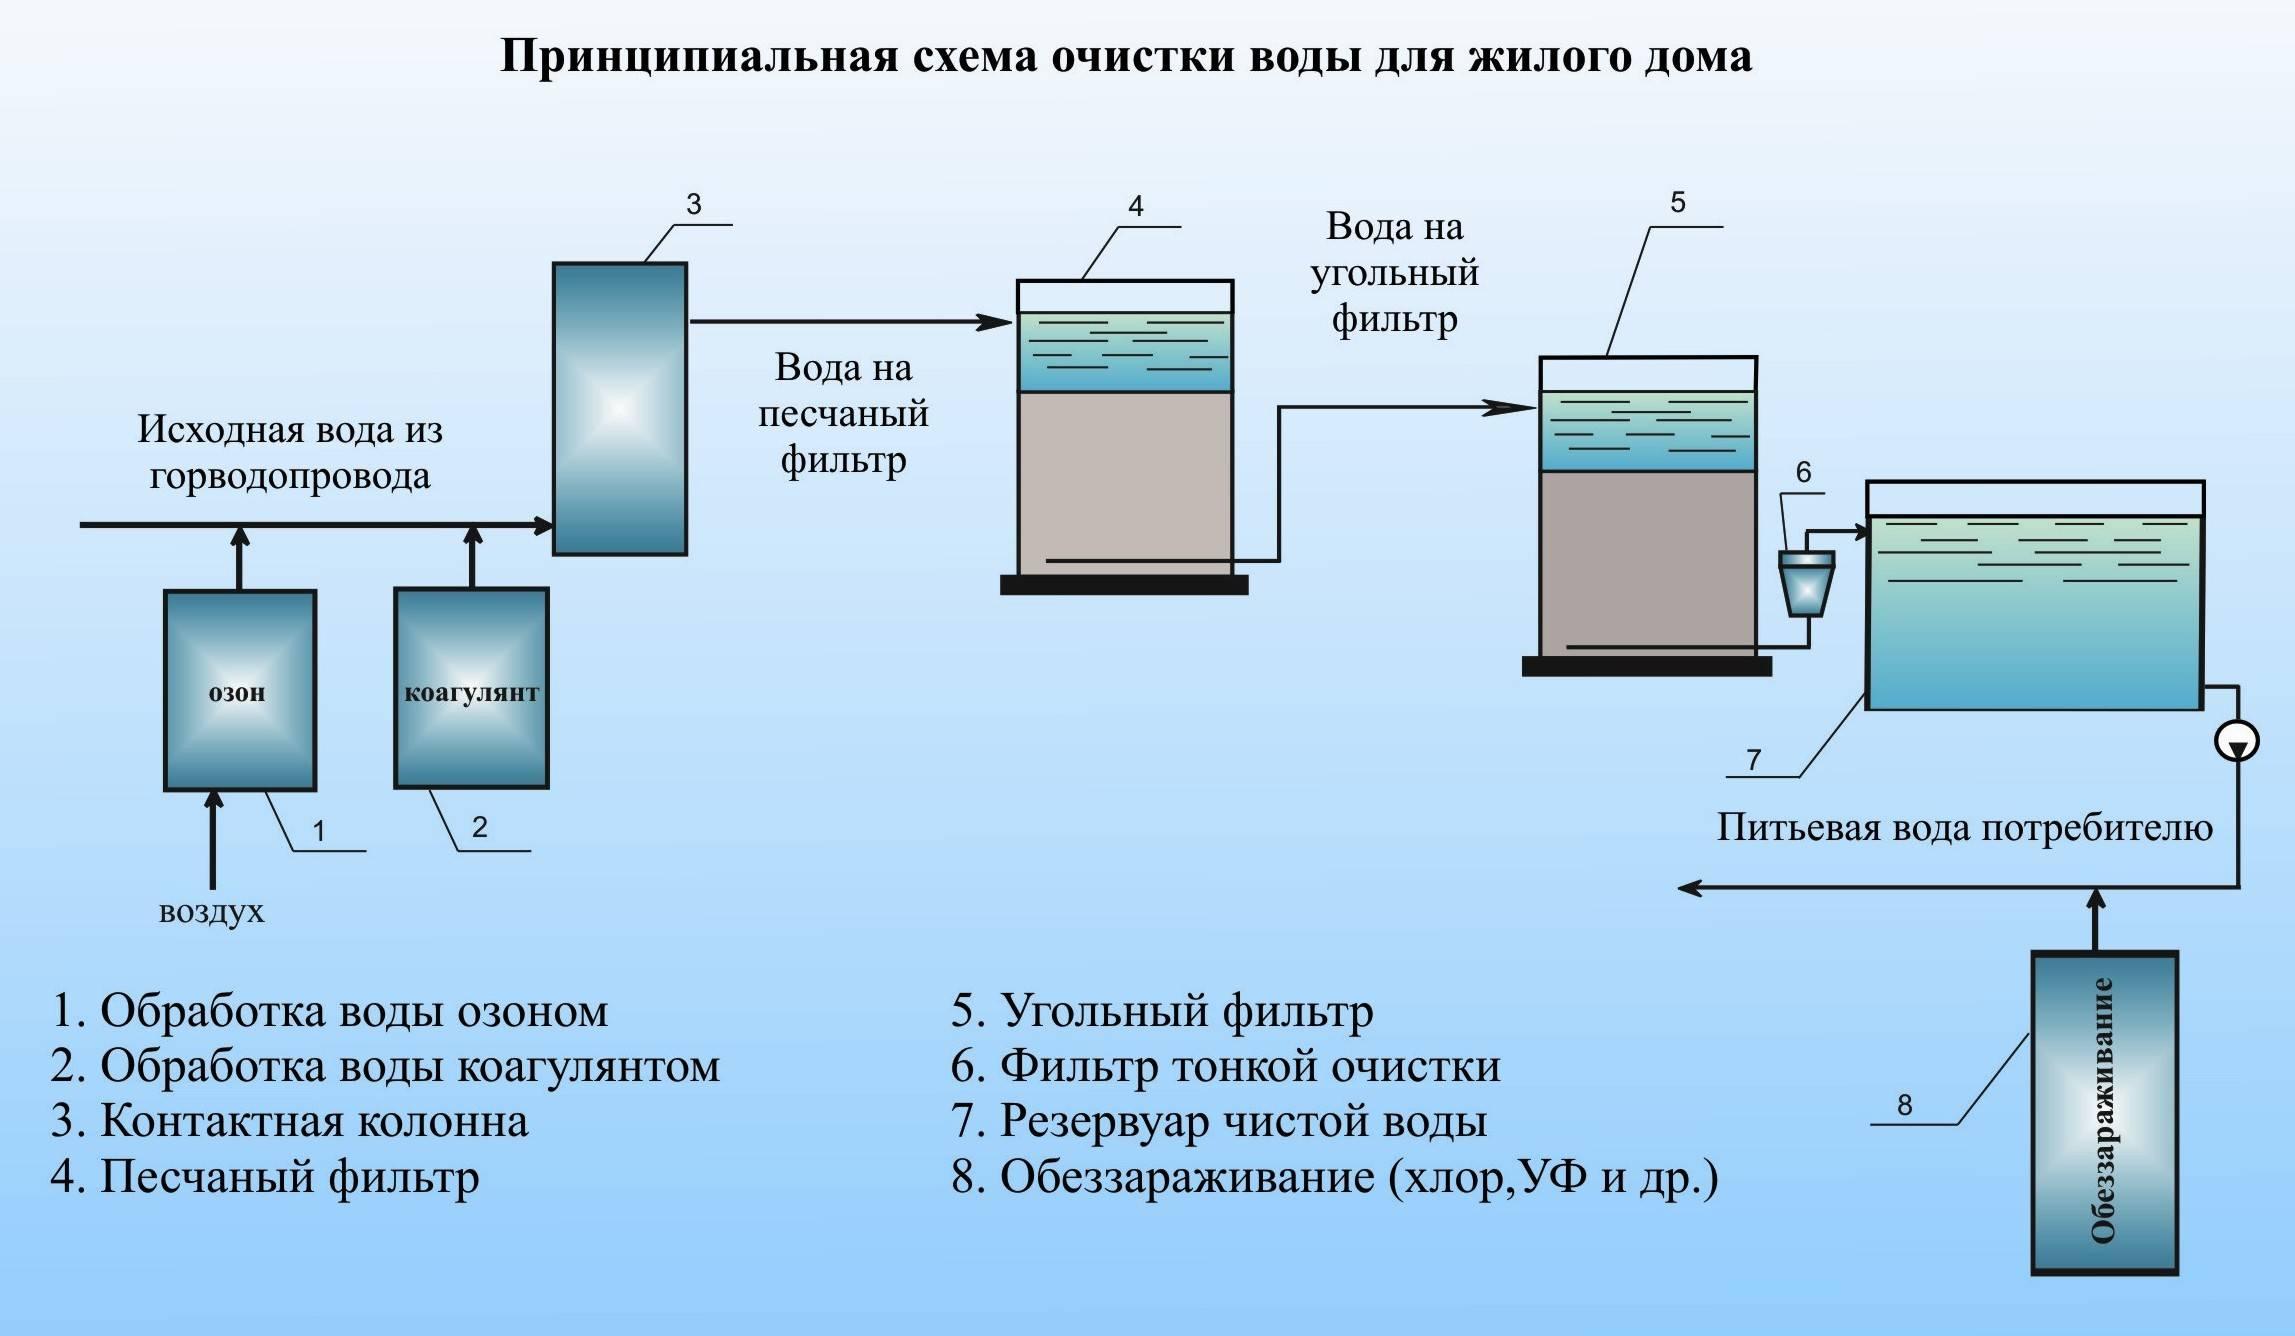 Очистка воды: что это такое, какие нормы по законодательству, существующие методы, как происходит процесс очищения от различных элементов (в т.ч. аммиака, хлора)